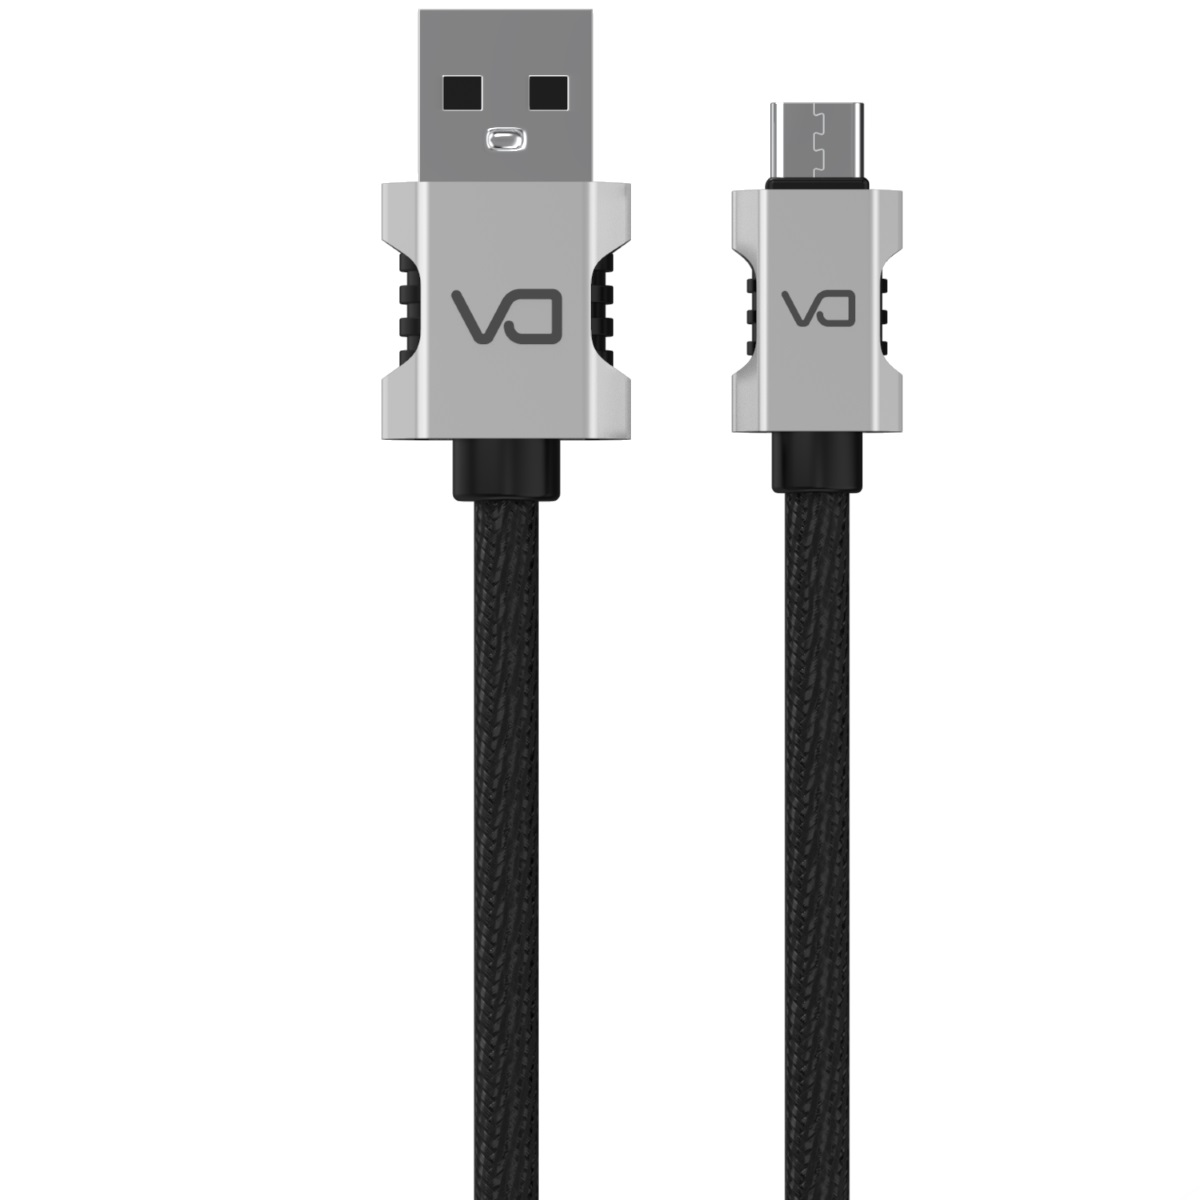 Кабель DA USB-Type C, 1 м, серебристый, черный кабель qumann usb usb type c 1 м металлическая оплётка серебристый